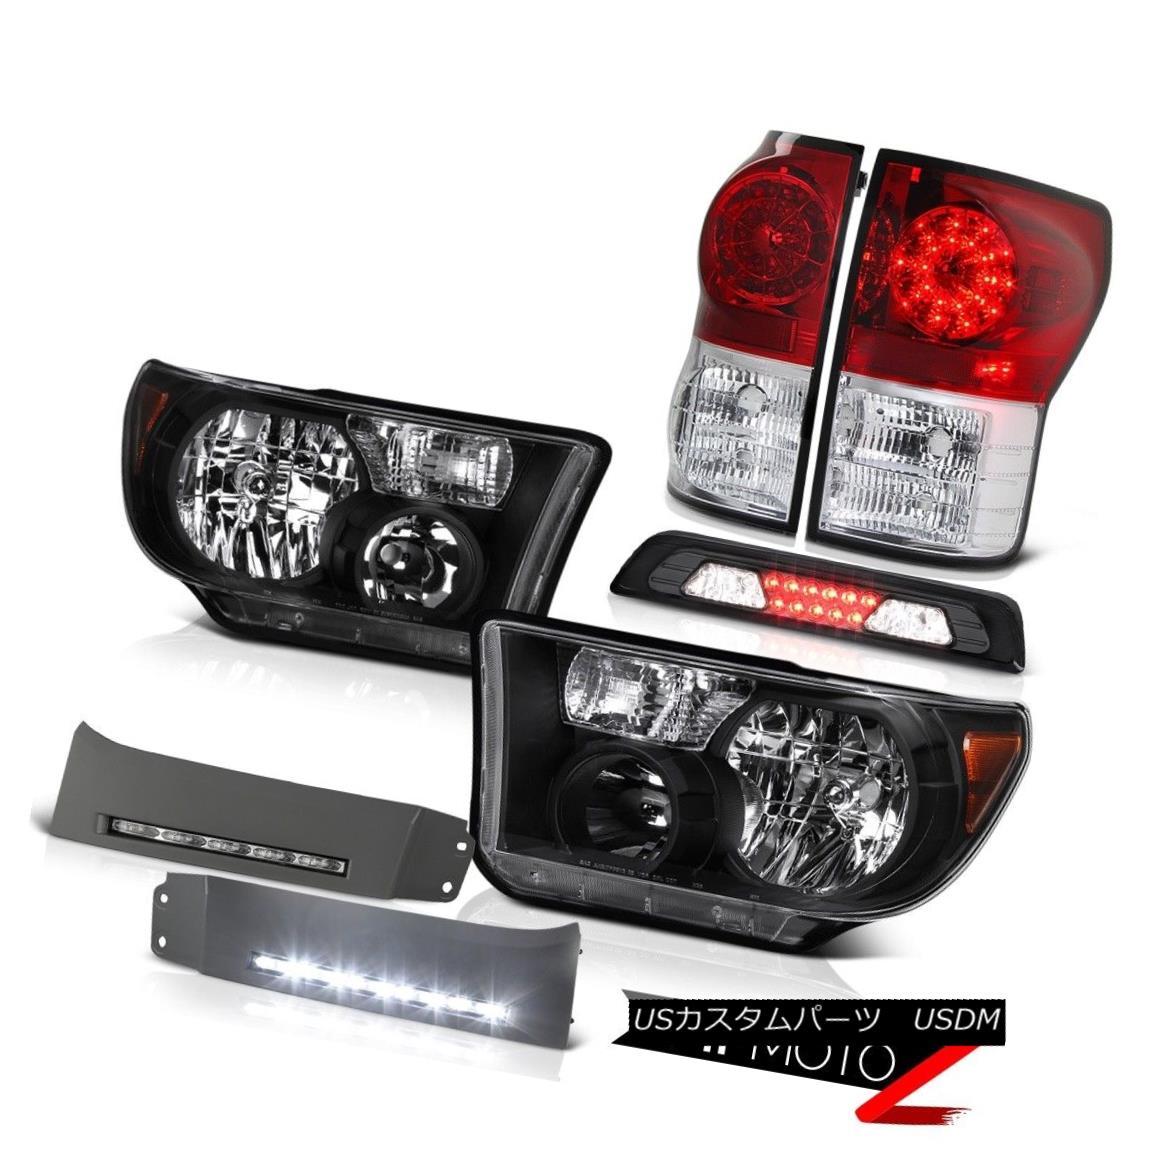 テールライト 07-13 Toyota Tundra Limited Headlamps DRL Strip Third Brake Light Rear Lights 07-13トヨタ・トンドラ・リミテッドヘッドランプDRLストリップ・サード・ブレーキライト・リアライト